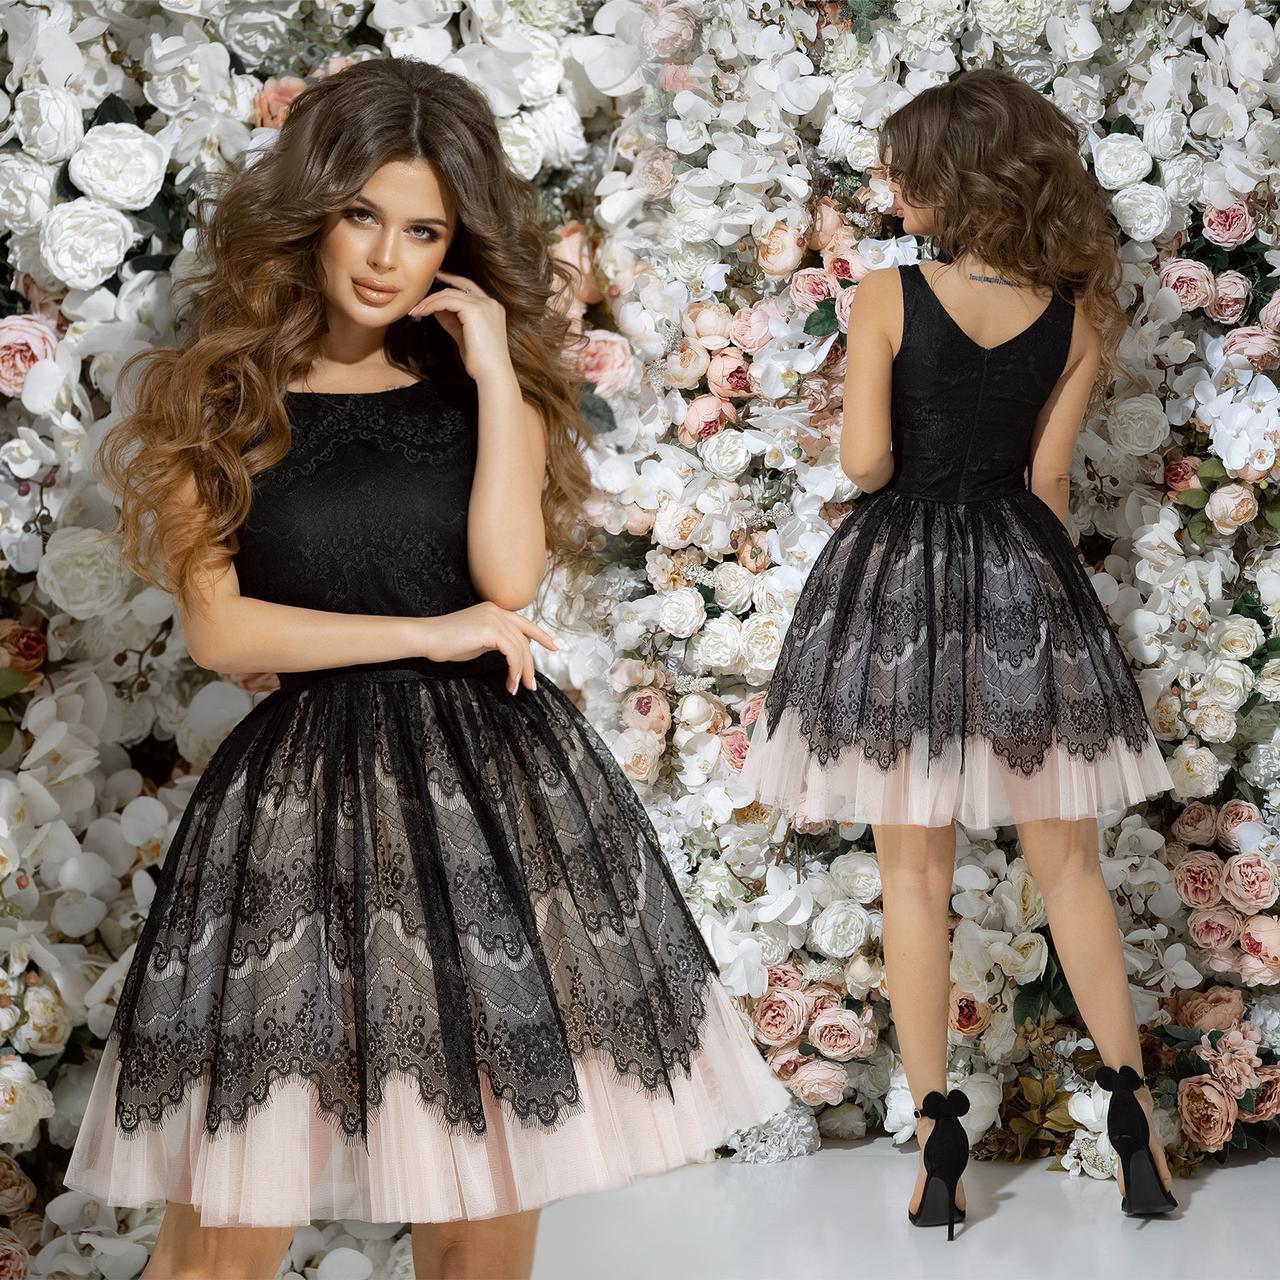 907292c9fad50bc Платье вечернее нарядное с пышной гипюровой юбкой, с фатиновым подъюбником,  гипюр на сетке